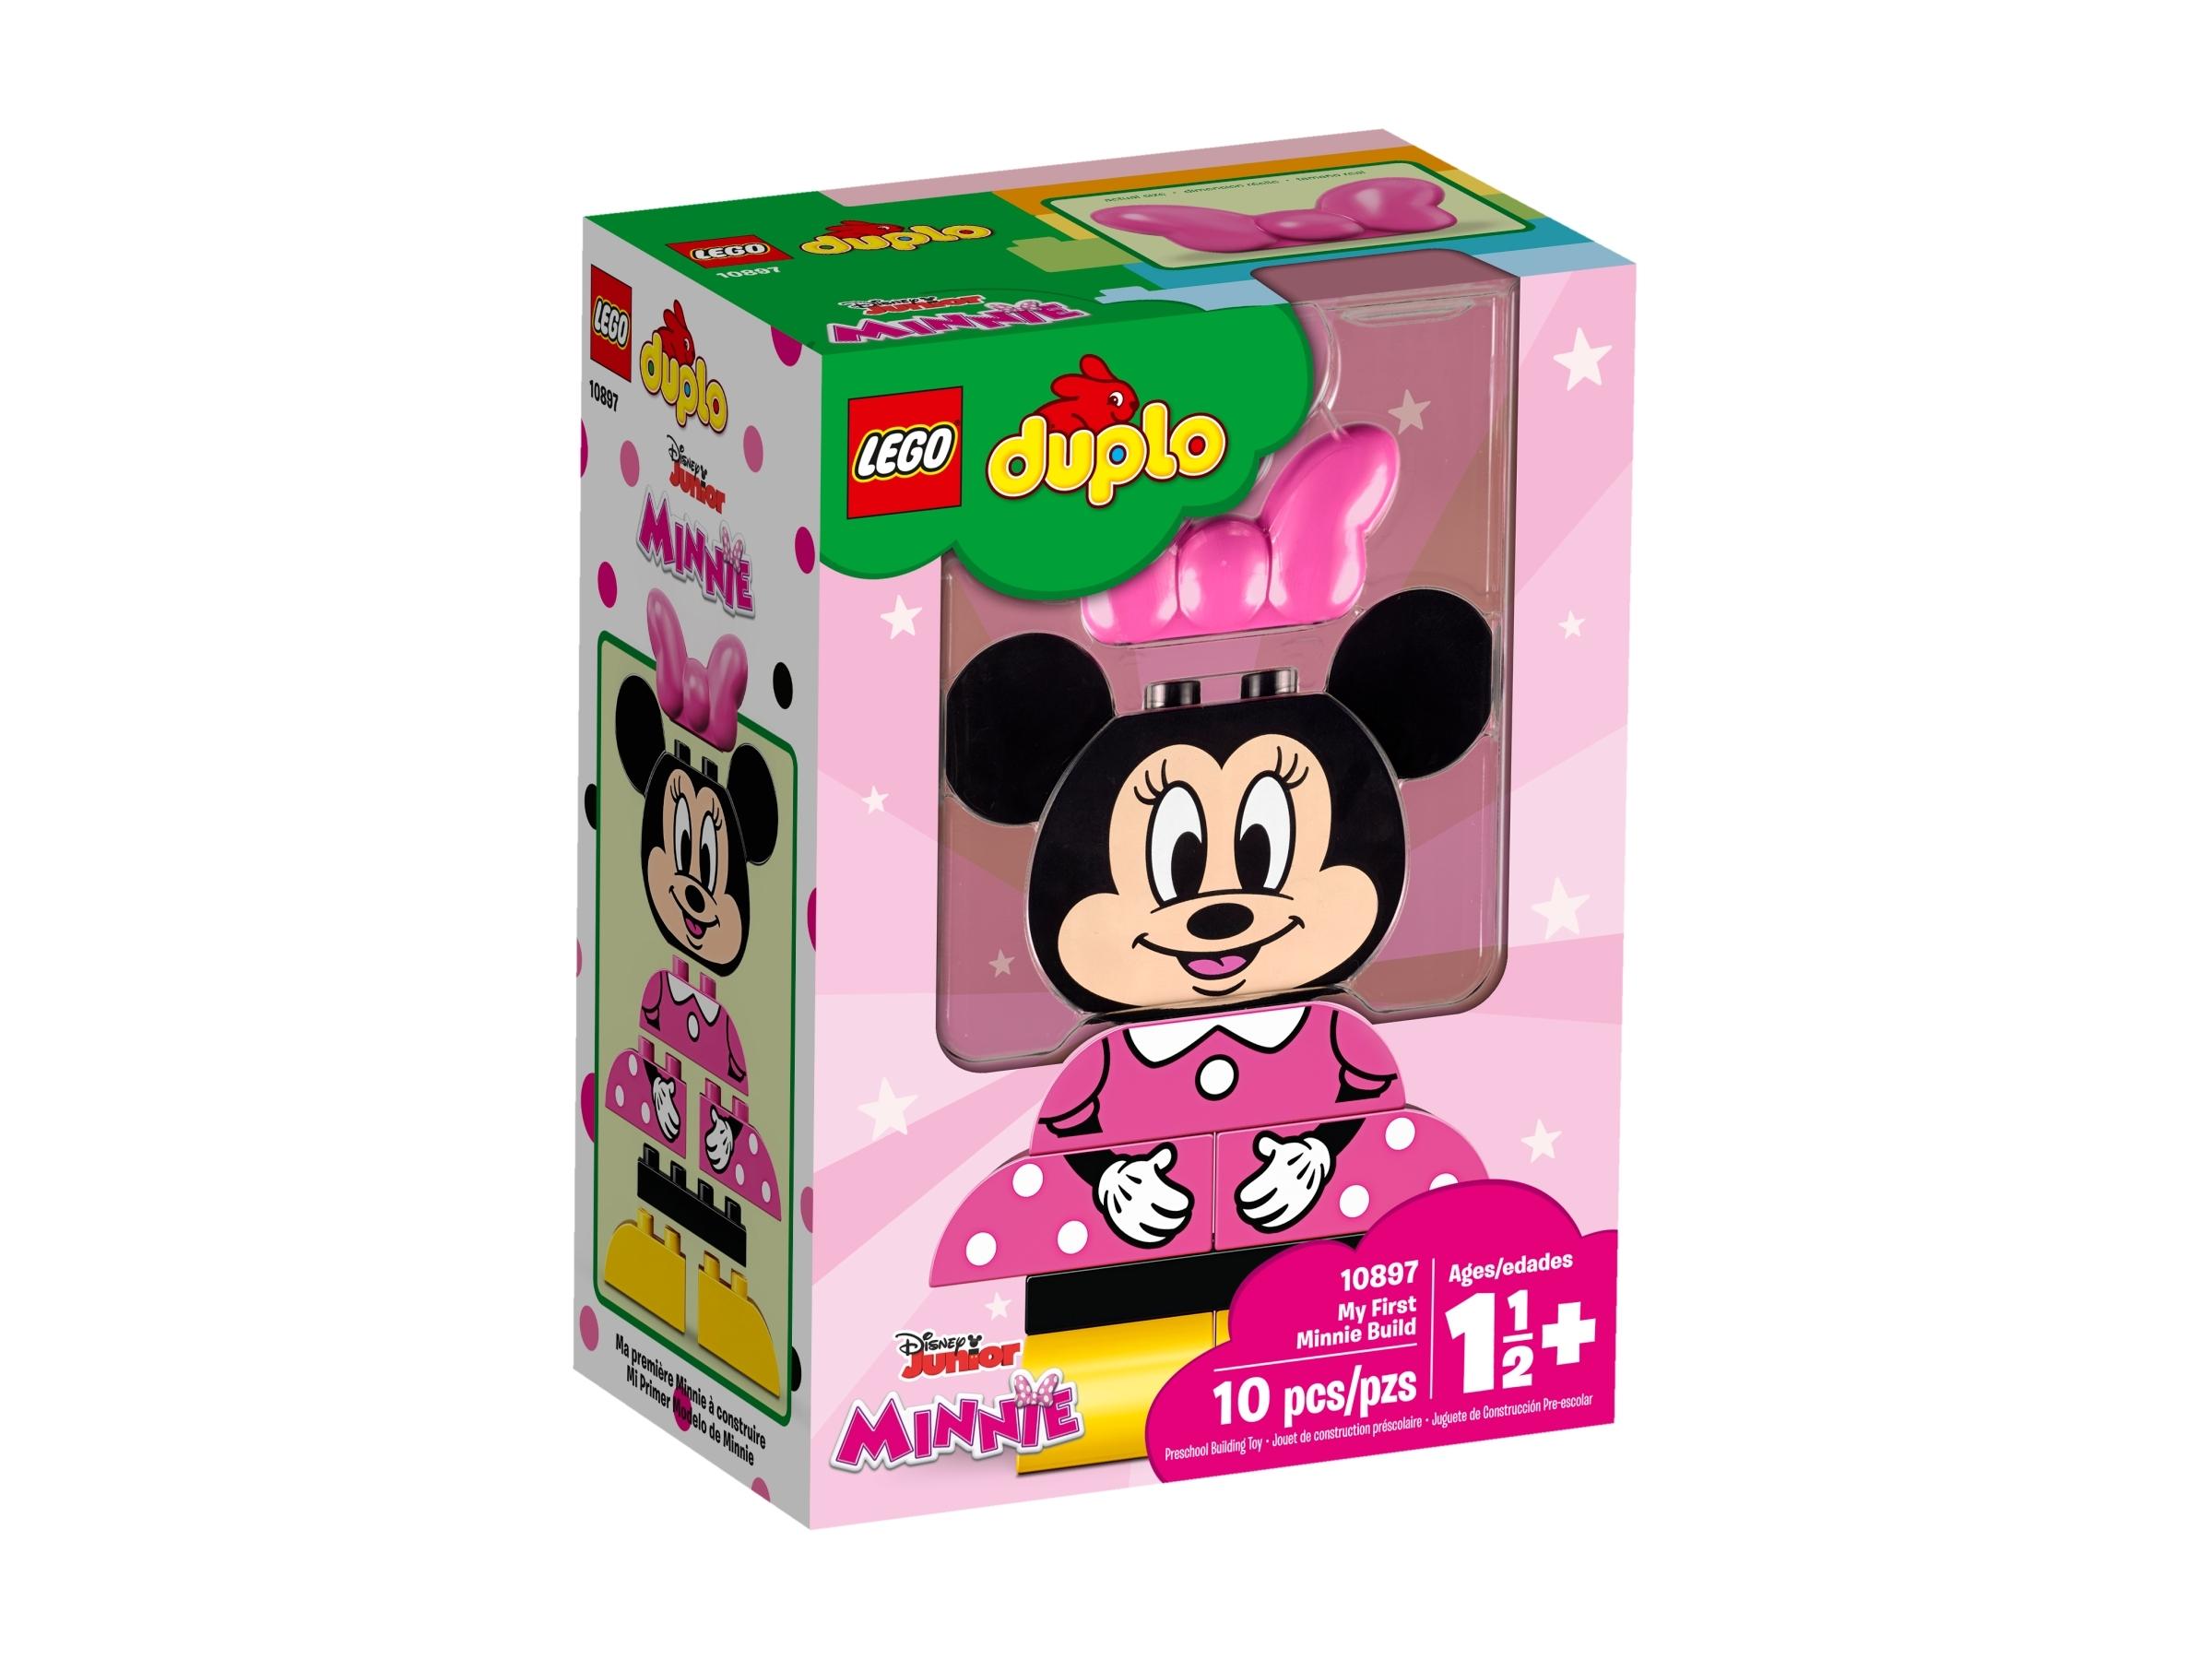 LEGO Disney 10897 Min första Mimmi modell